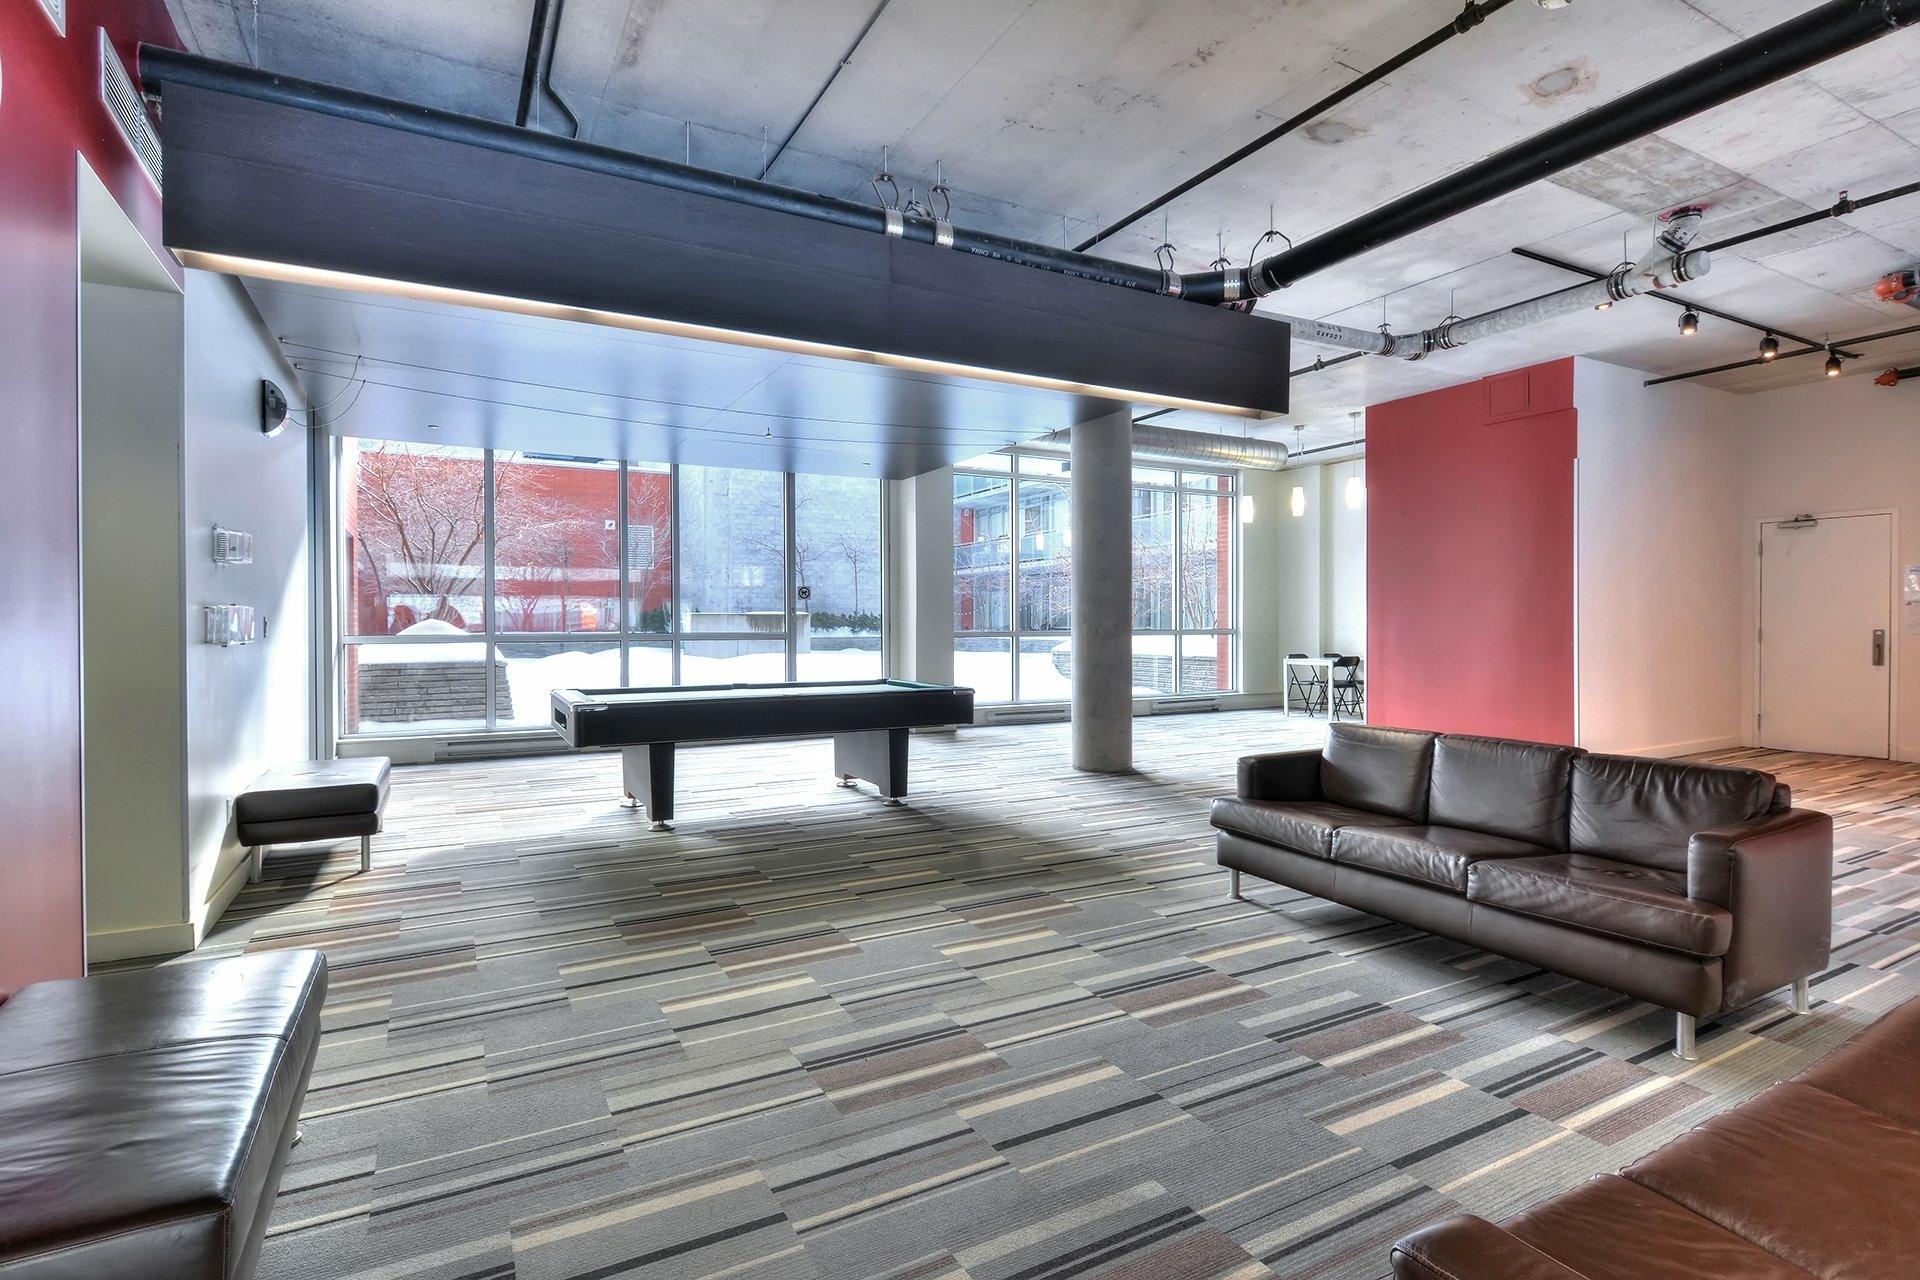 image 14 - Apartment For sale Ville-Marie Montréal  - 4 rooms